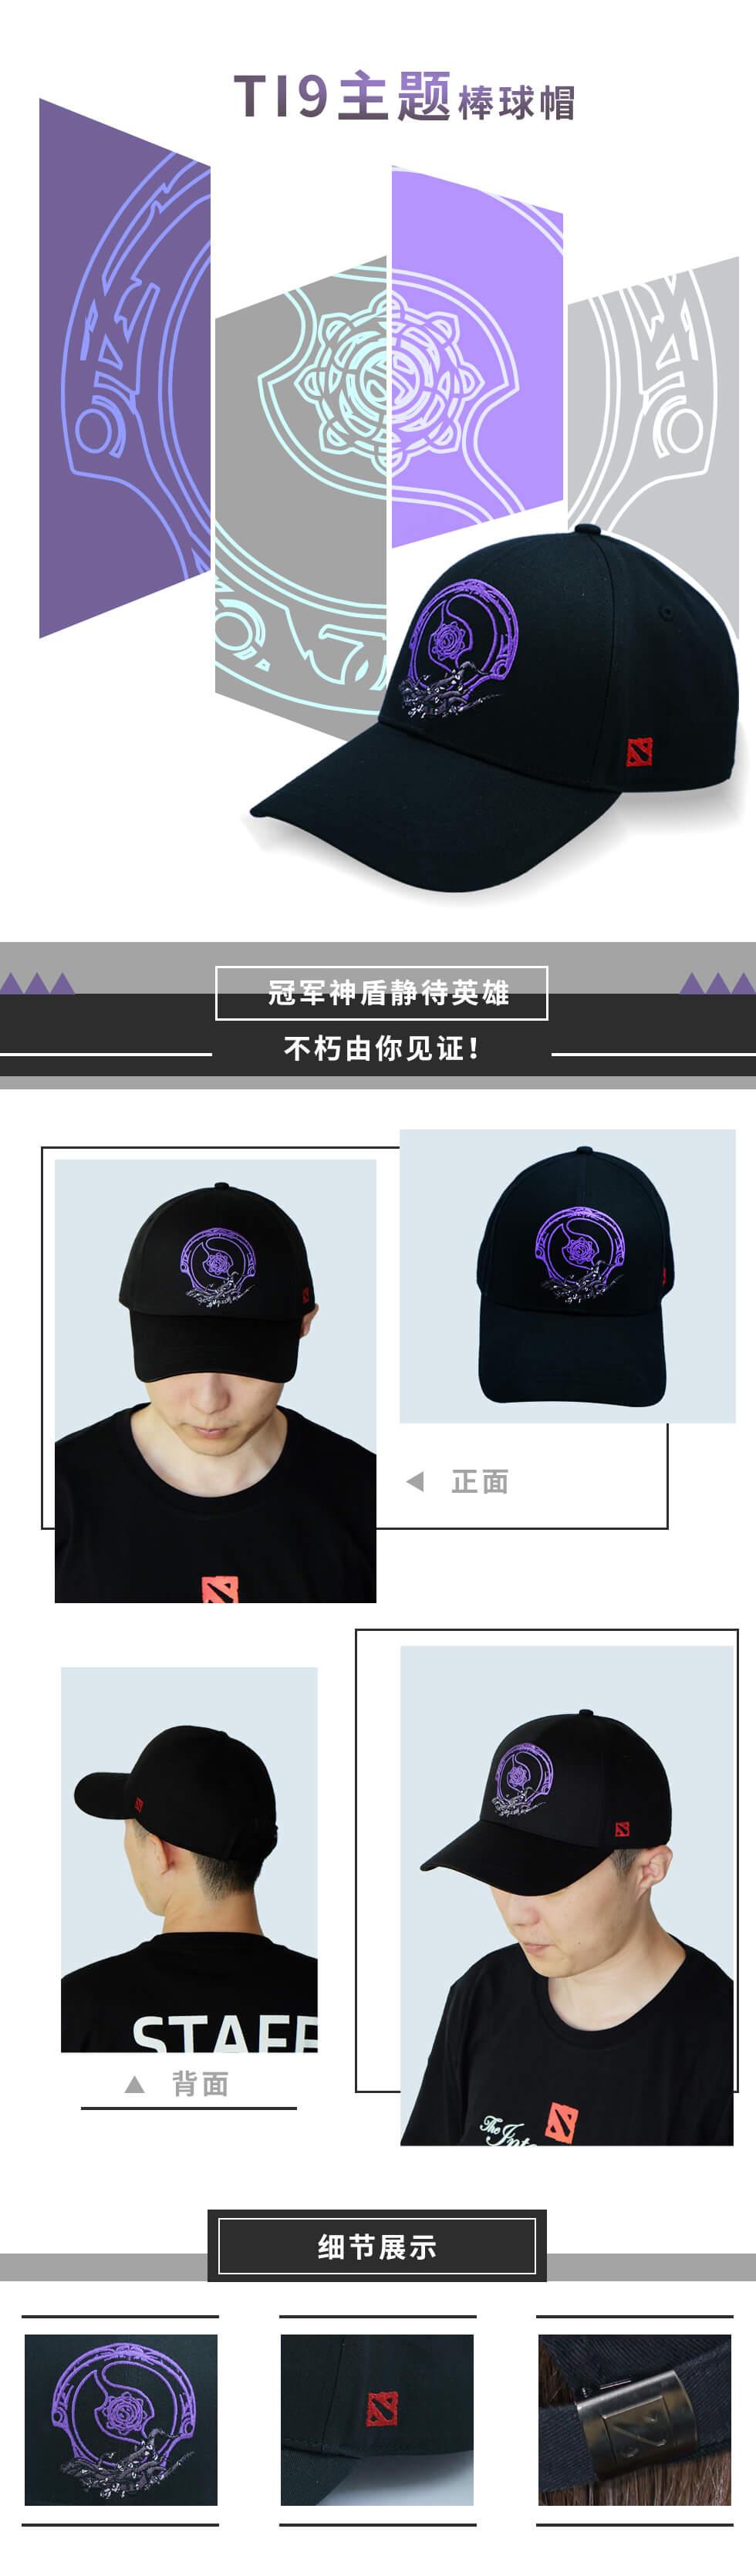 棒球帽 TI9主题.jpg